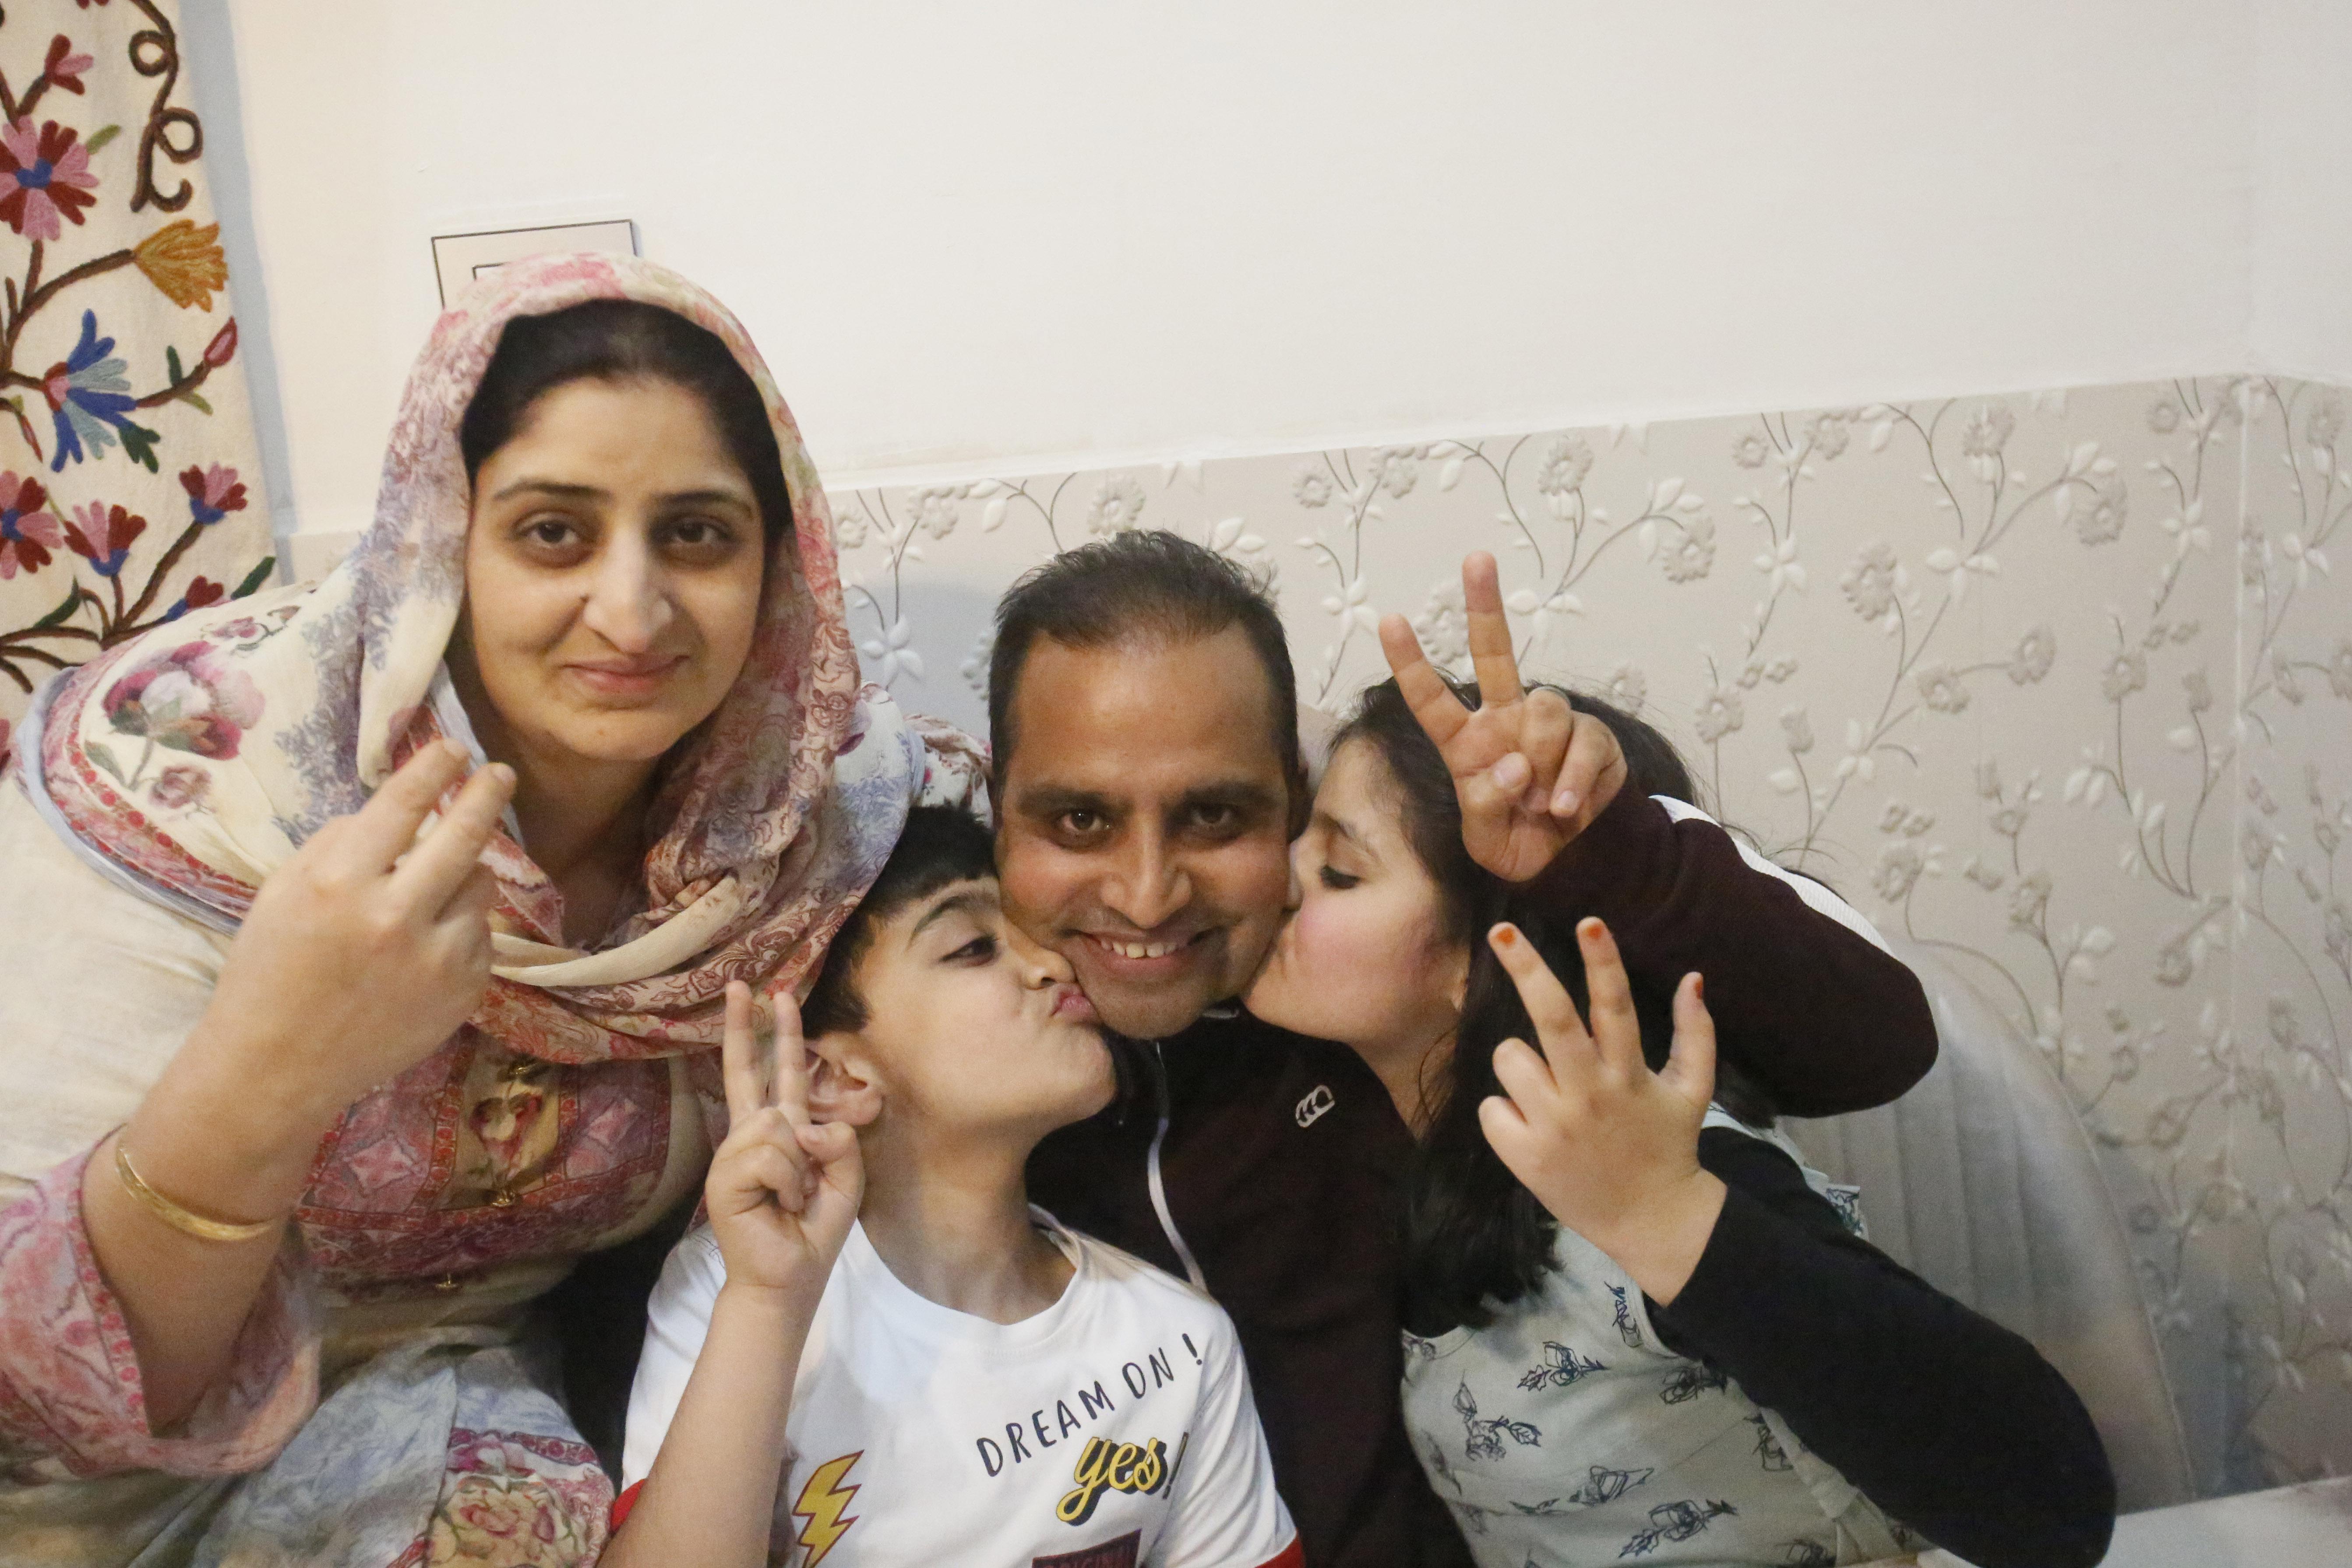 El fotógrafo de Associated Press, Mukhtar Khan, celebra con su familia en su casa en Srinagar, Cachemira controlada por la India, el martes 5 de mayo de 2020, luego del anuncio de que fue uno de los tres fotógrafos de AP que ganaron el Premio Pulitzer en Fotografía de Característica por su cobertura del conflicto en Cachemira y en Jammu, India. (Foto AP / Afnan Arif)